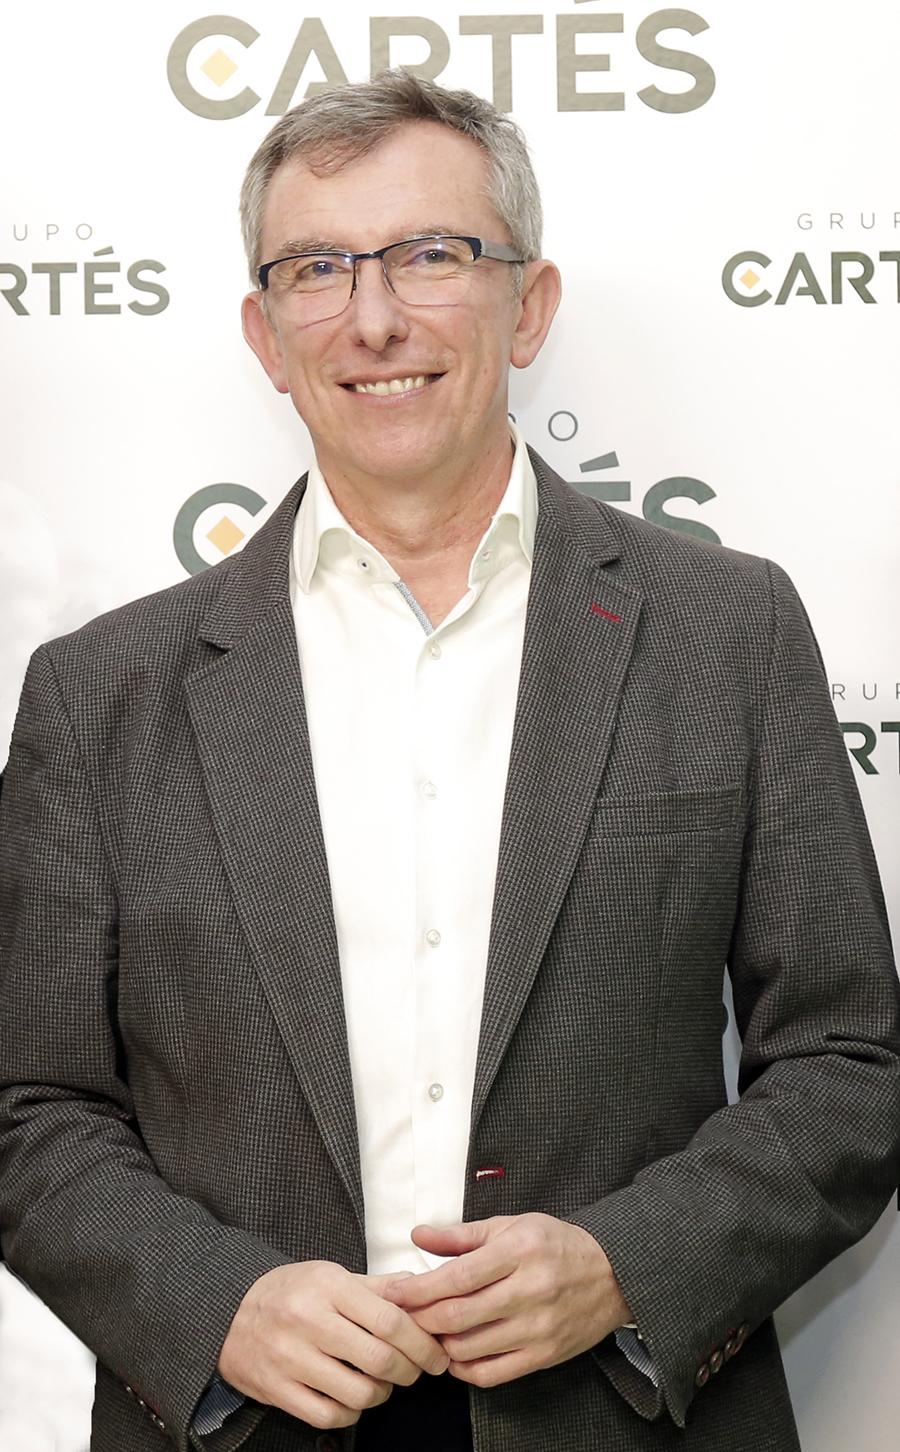 Premio Calidad y Servicio Grupo de distribución de recambio de VI Grupo Cartés